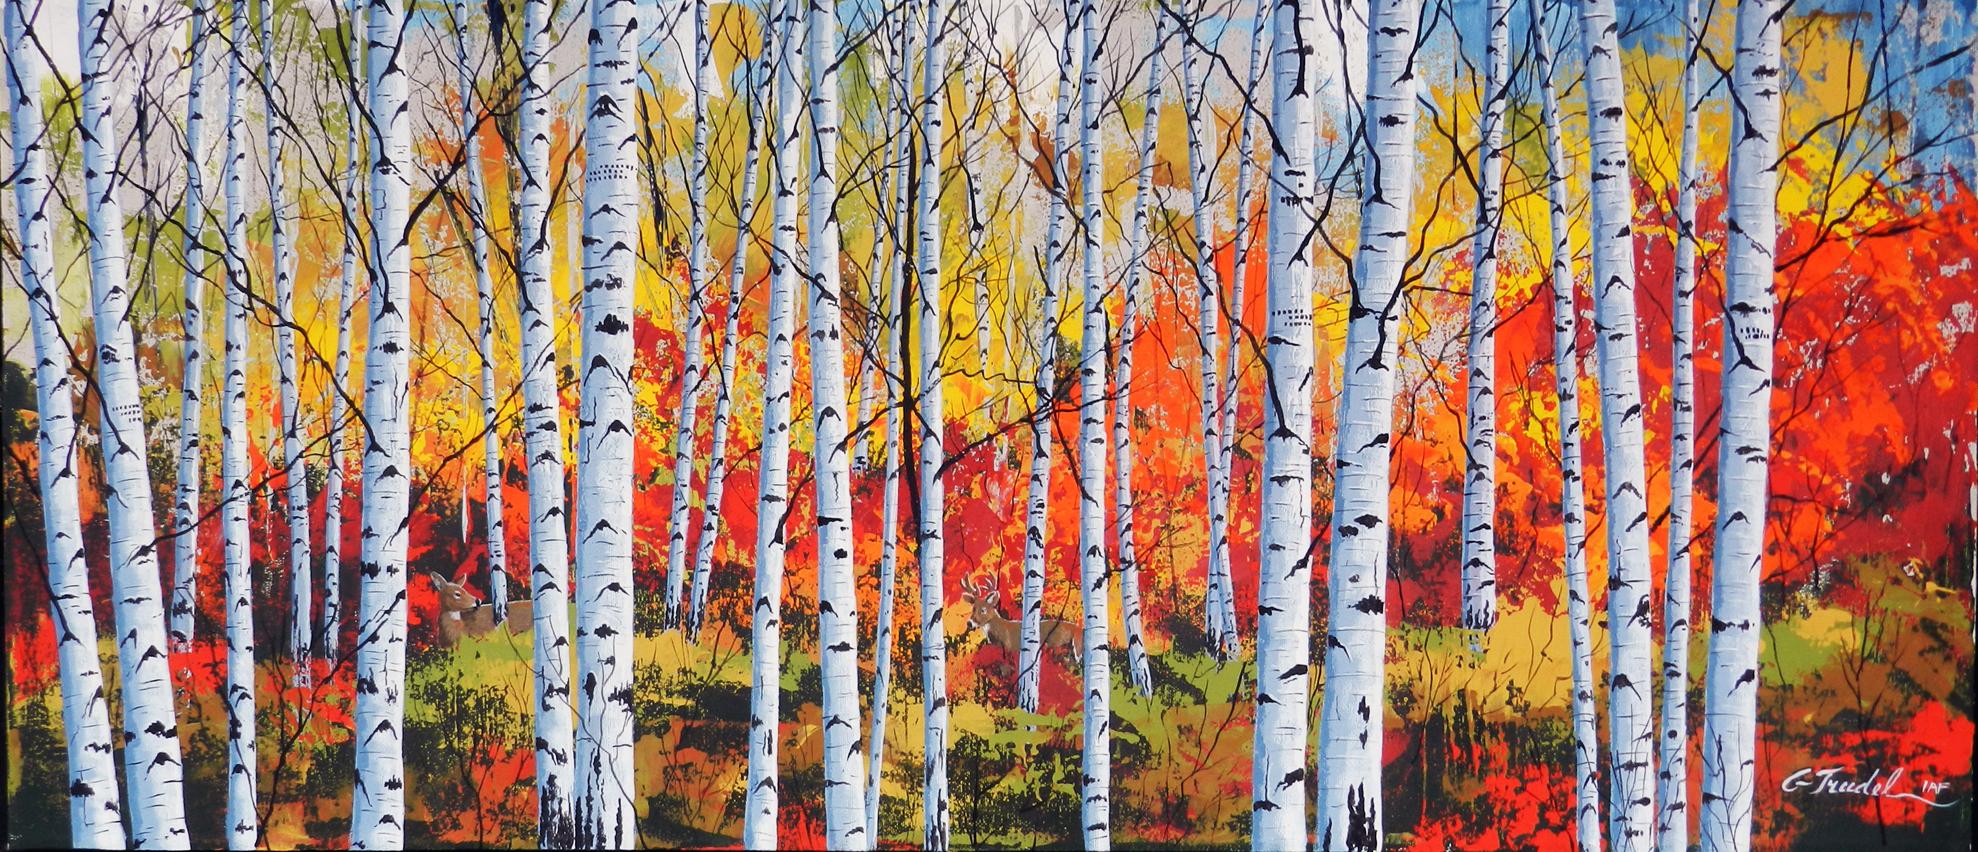 La forêt danse 16 x 36